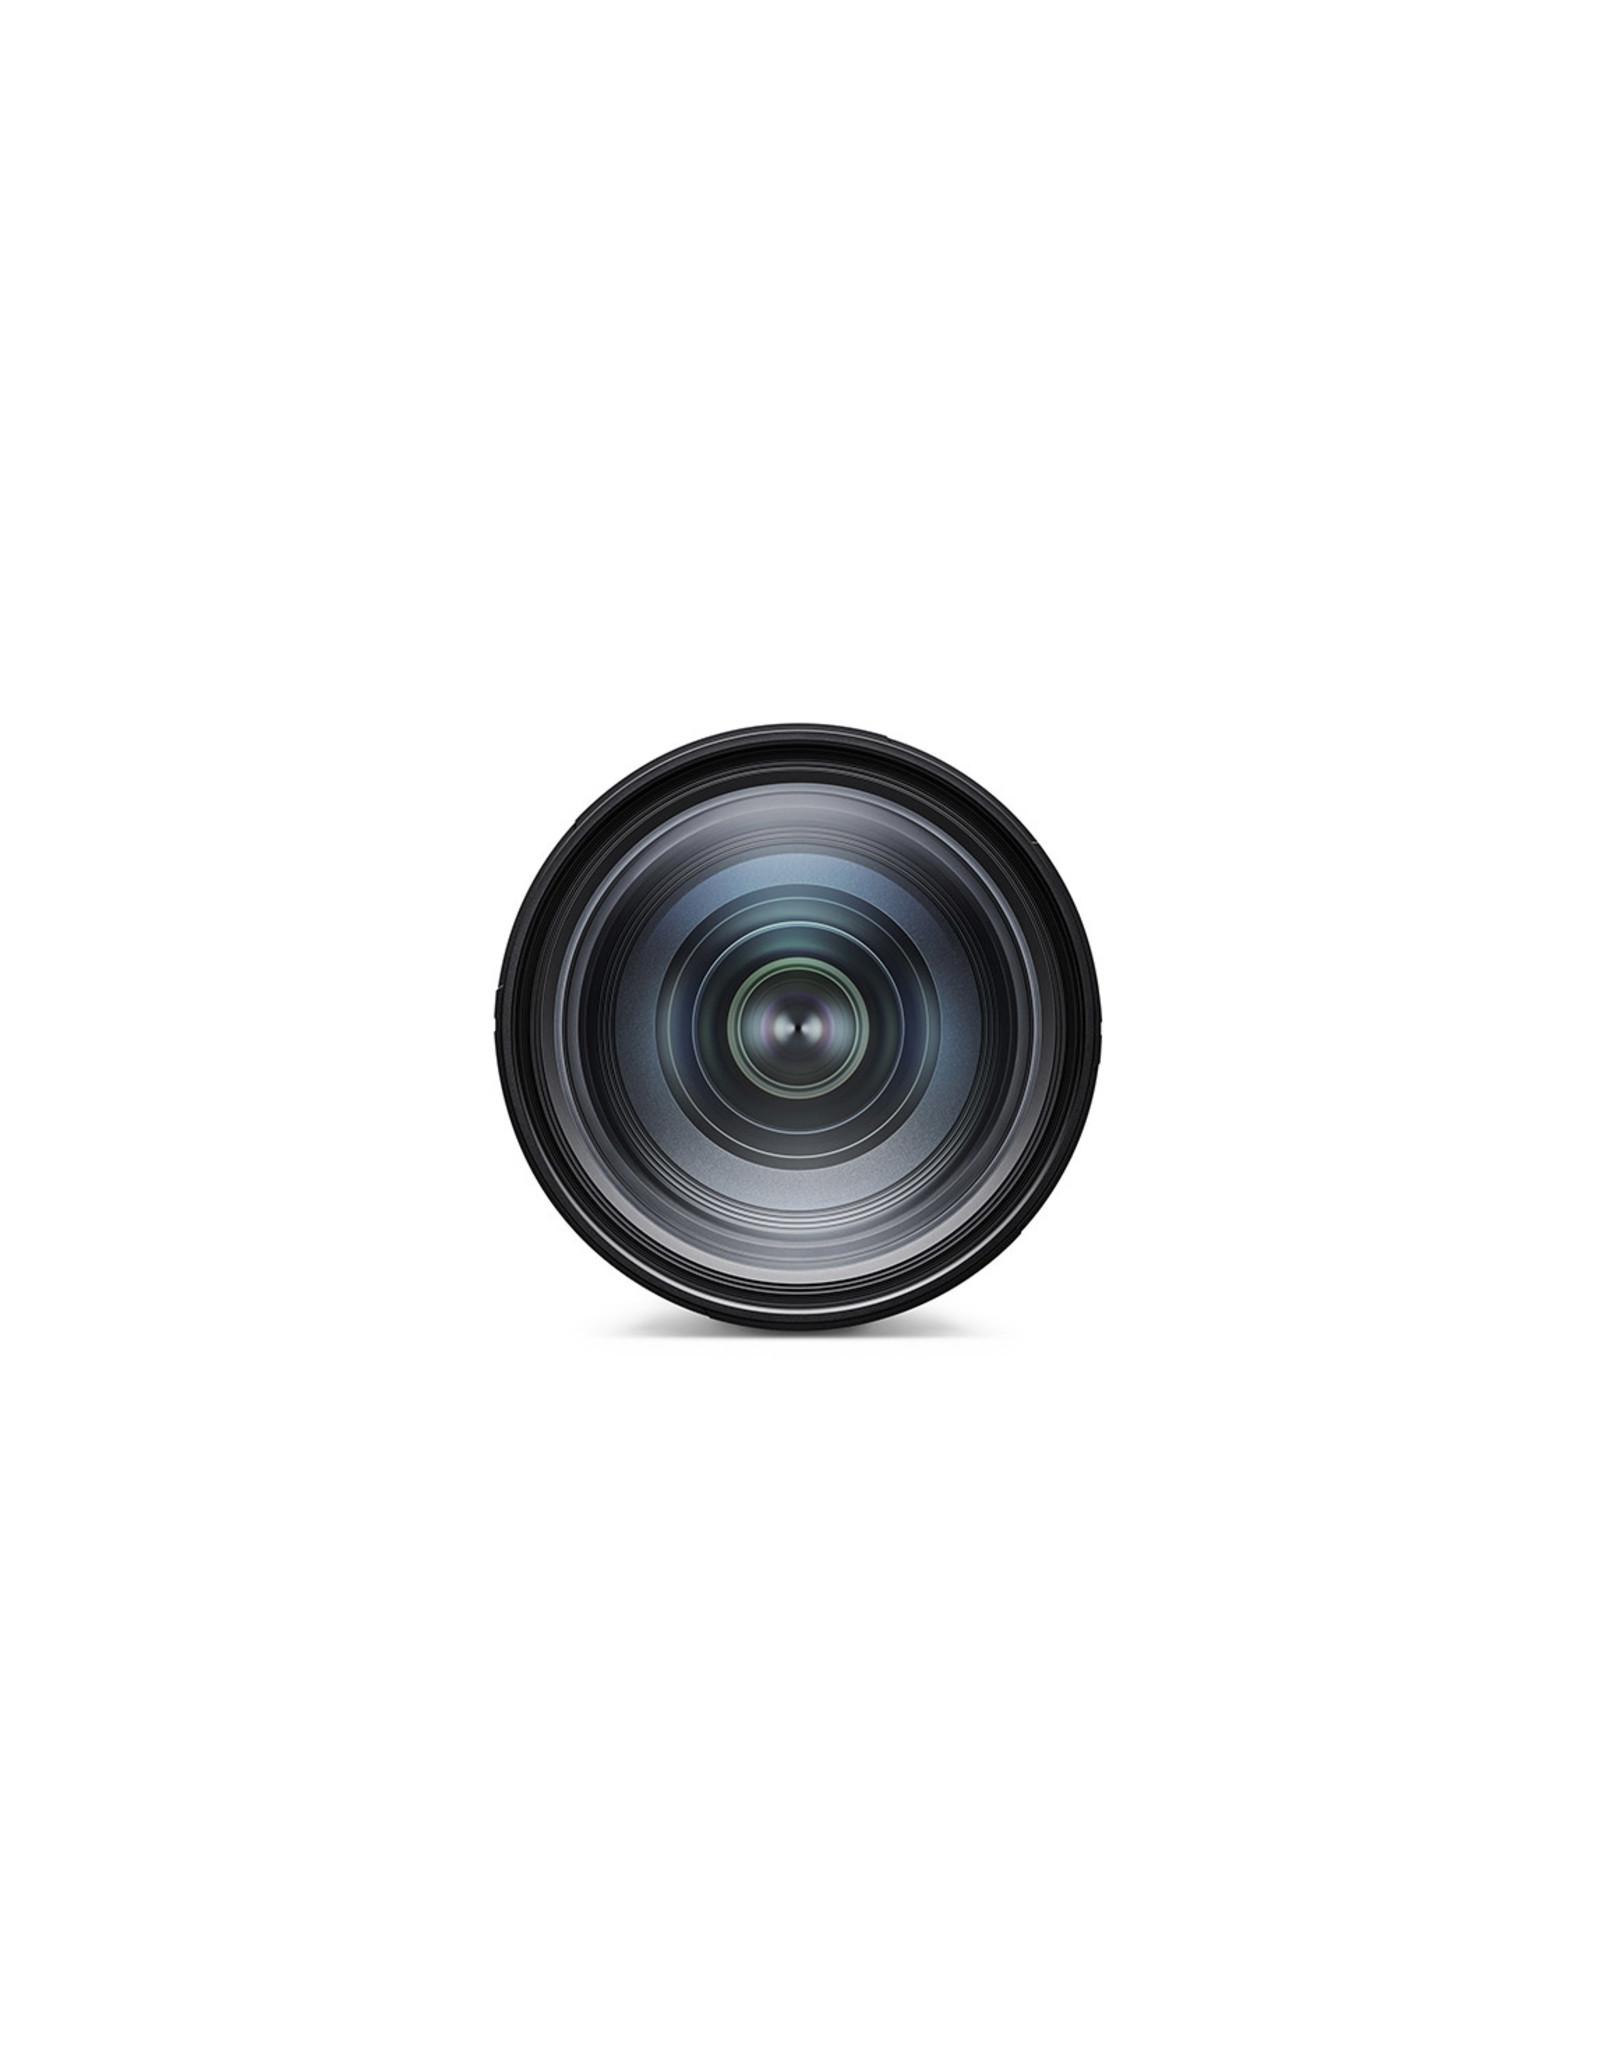 Leica Leica 24-70mm f2.8 Vario-Elmarit-SL ASPH   111-89